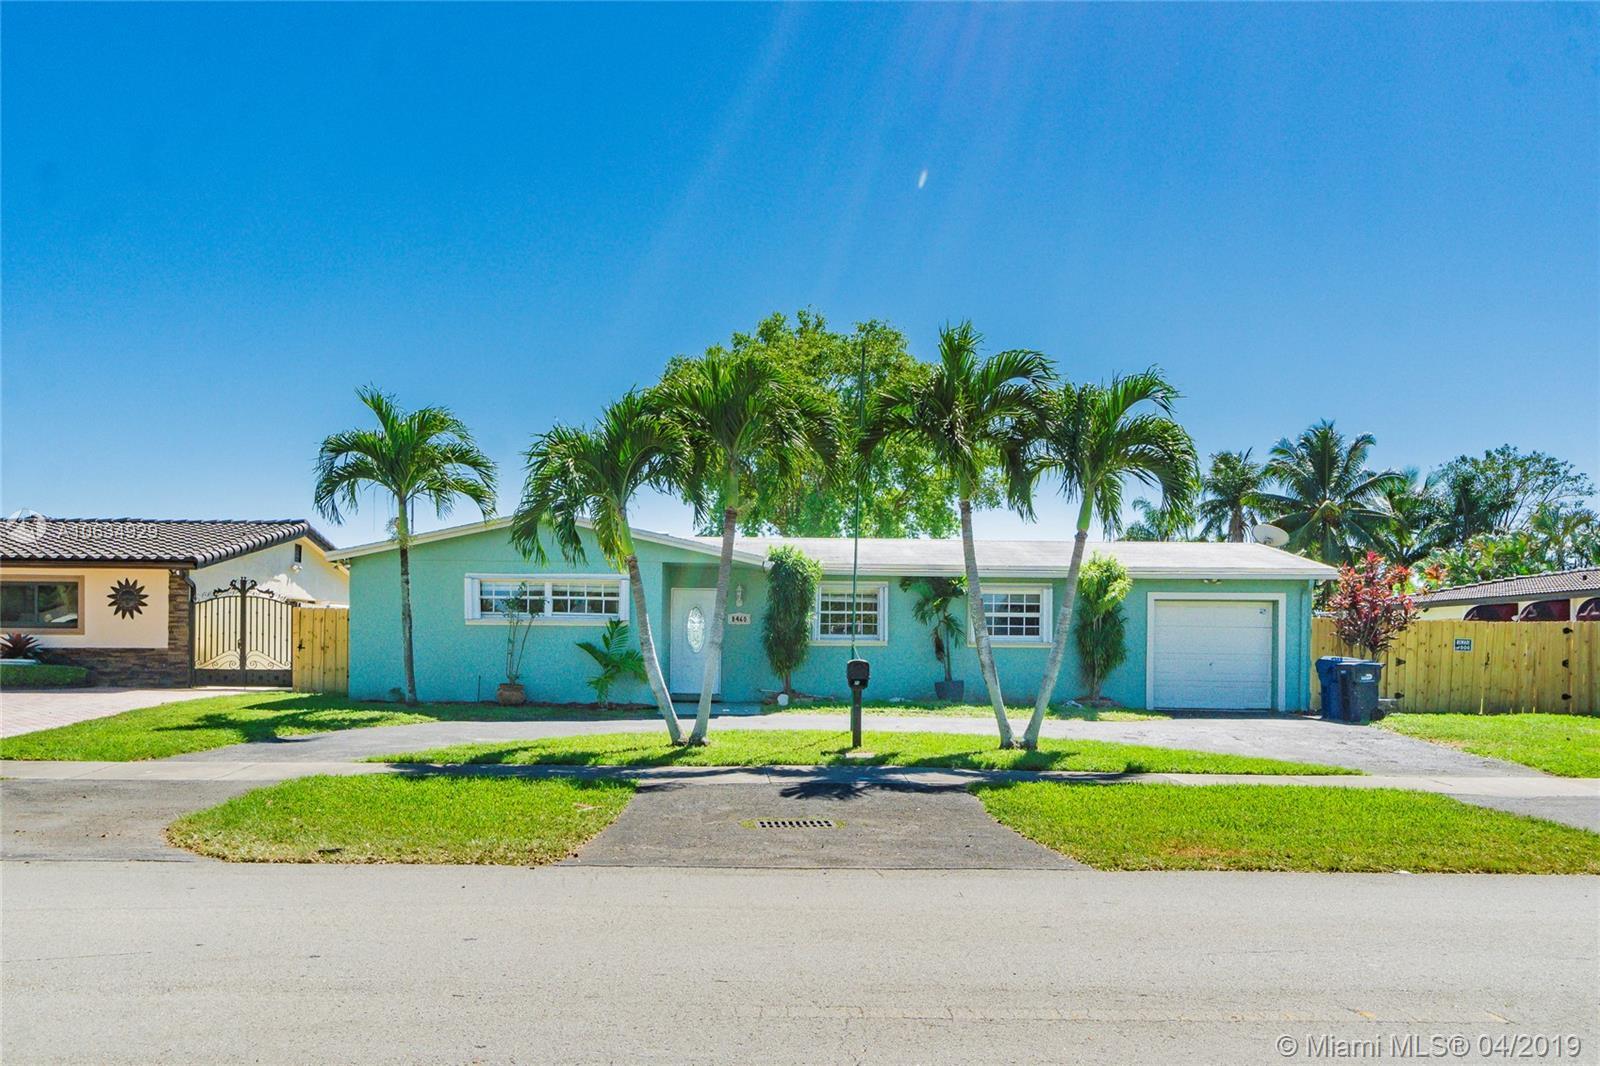 8460 Nw 178th St Hialeah, FL 33015